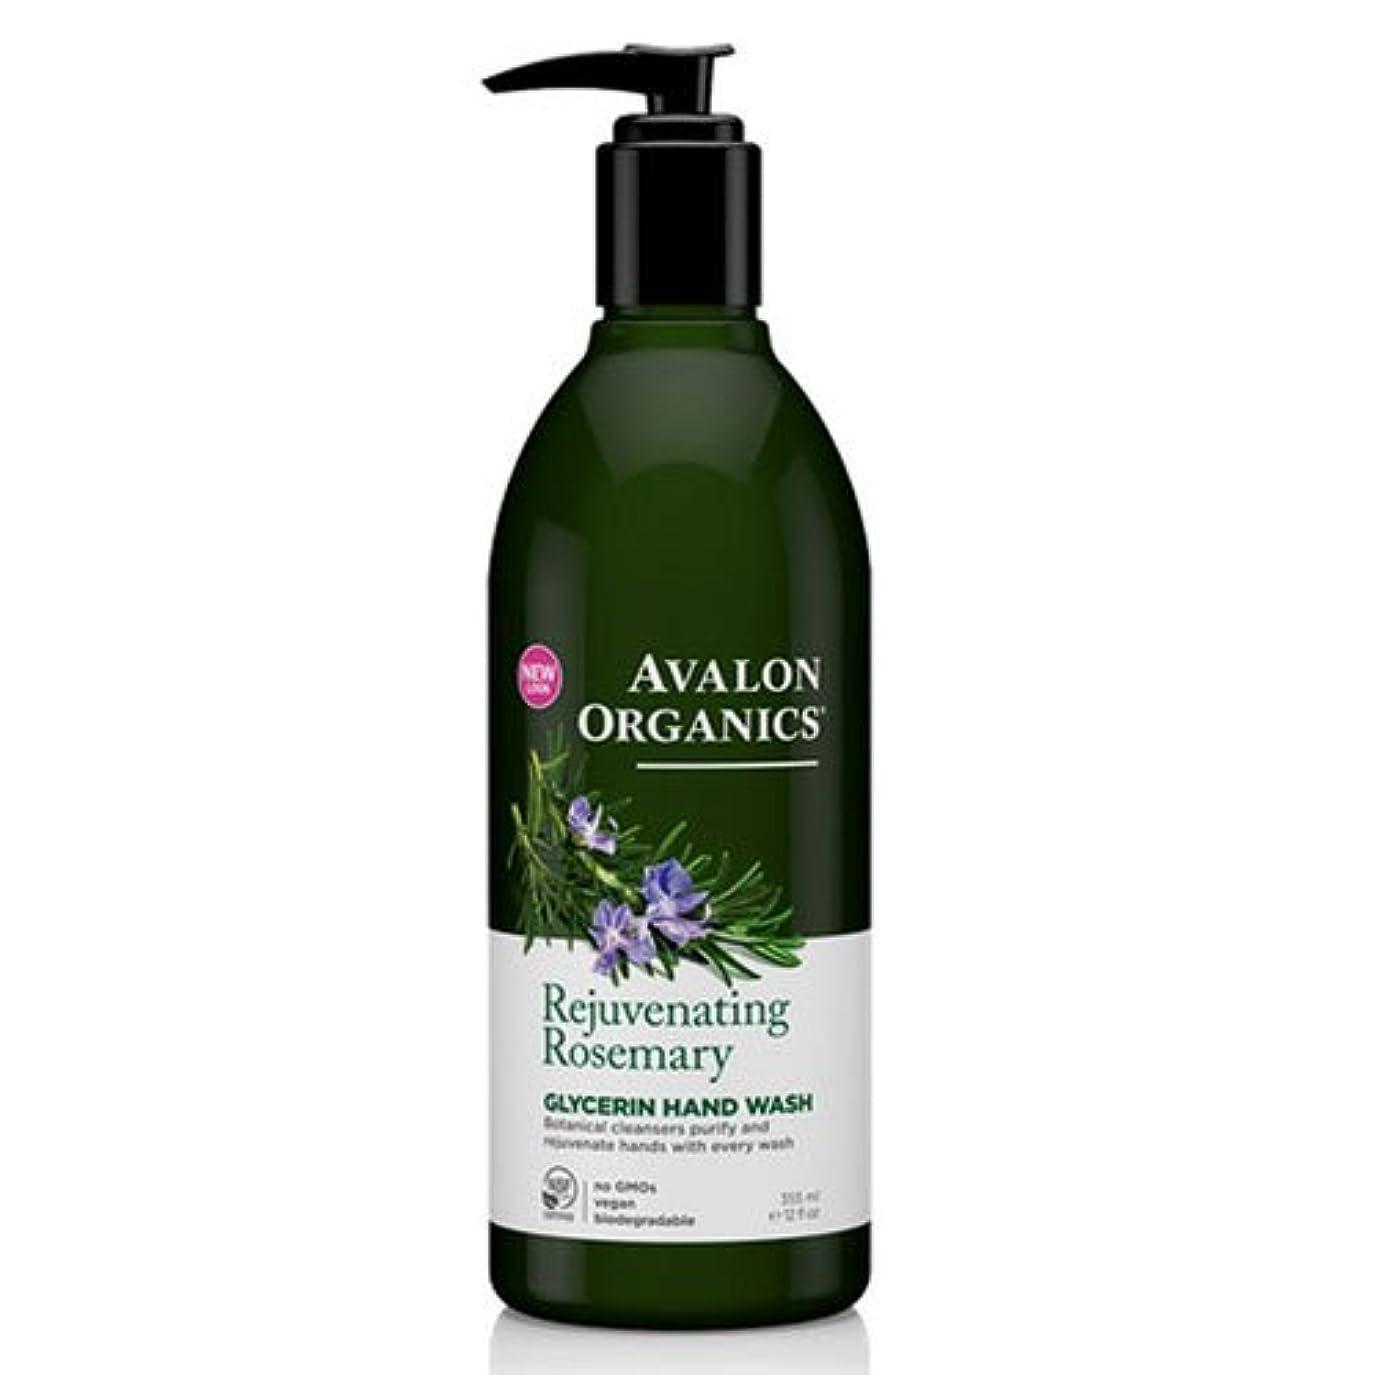 肥料残忍な支配的海外直送品Avalon Organics Hand Soap Glycerin, Rosemary 12 Oz (Pack of 6)